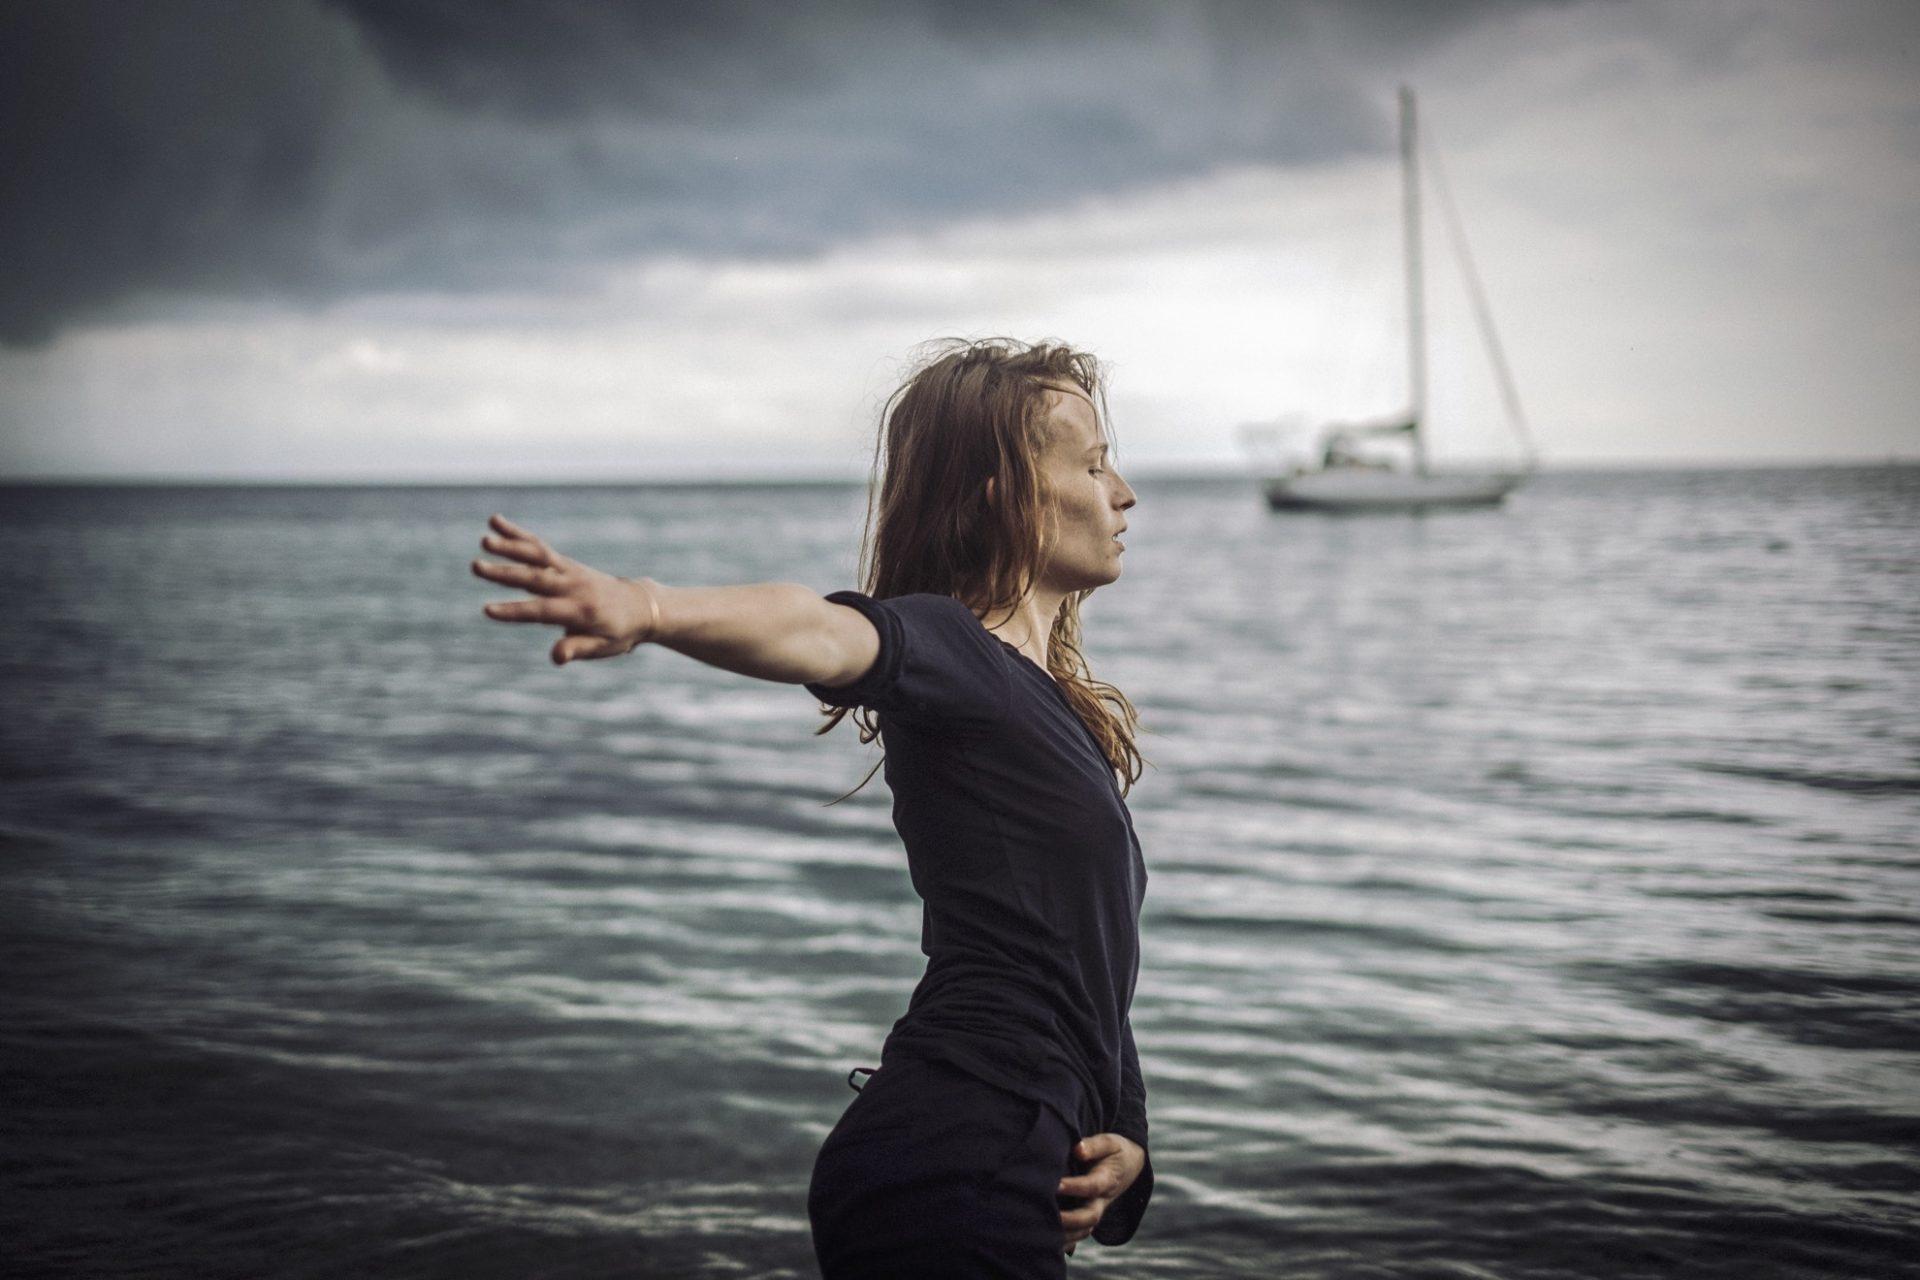 Mathilde roux  @ laurent parienti